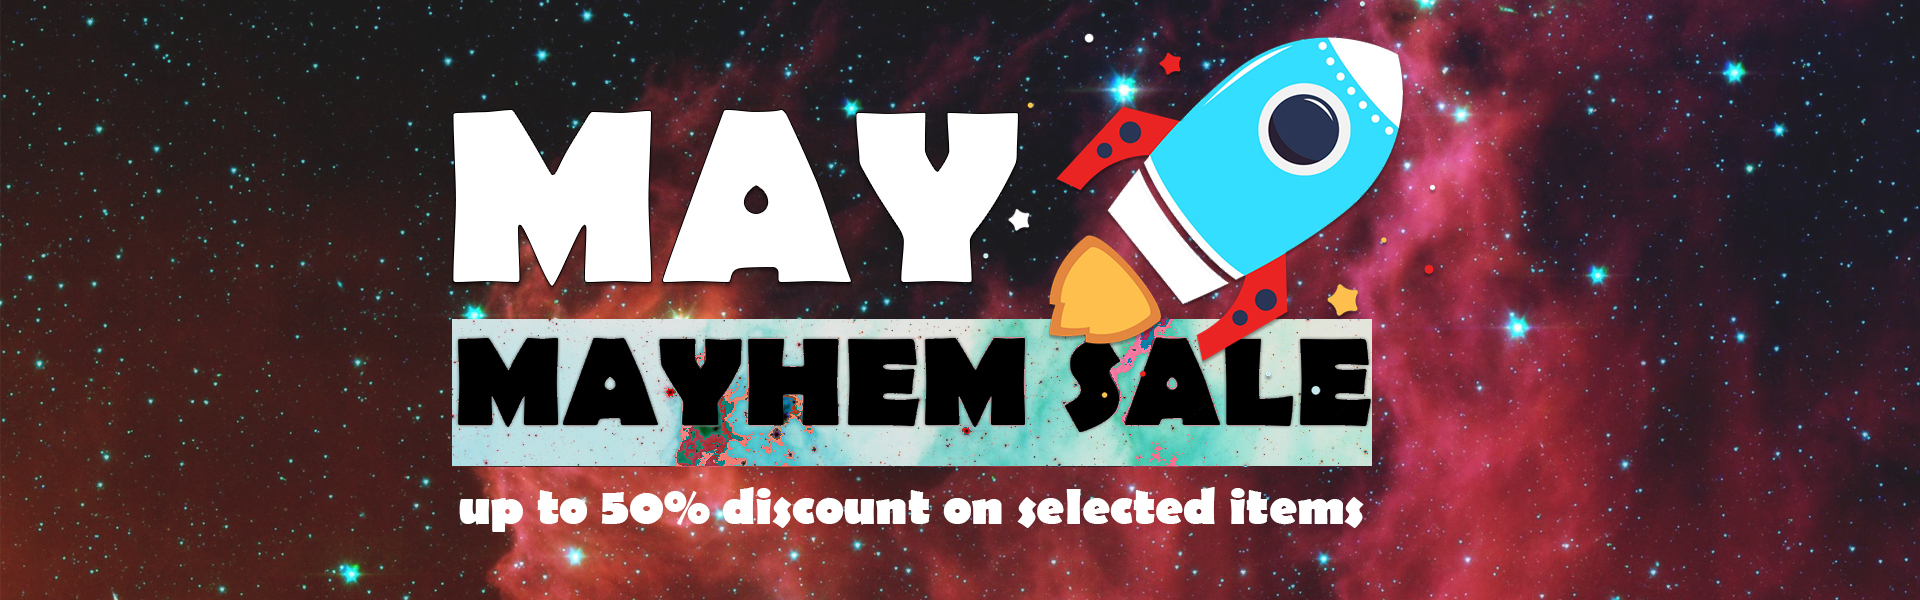 may-mayhem-1.jpg